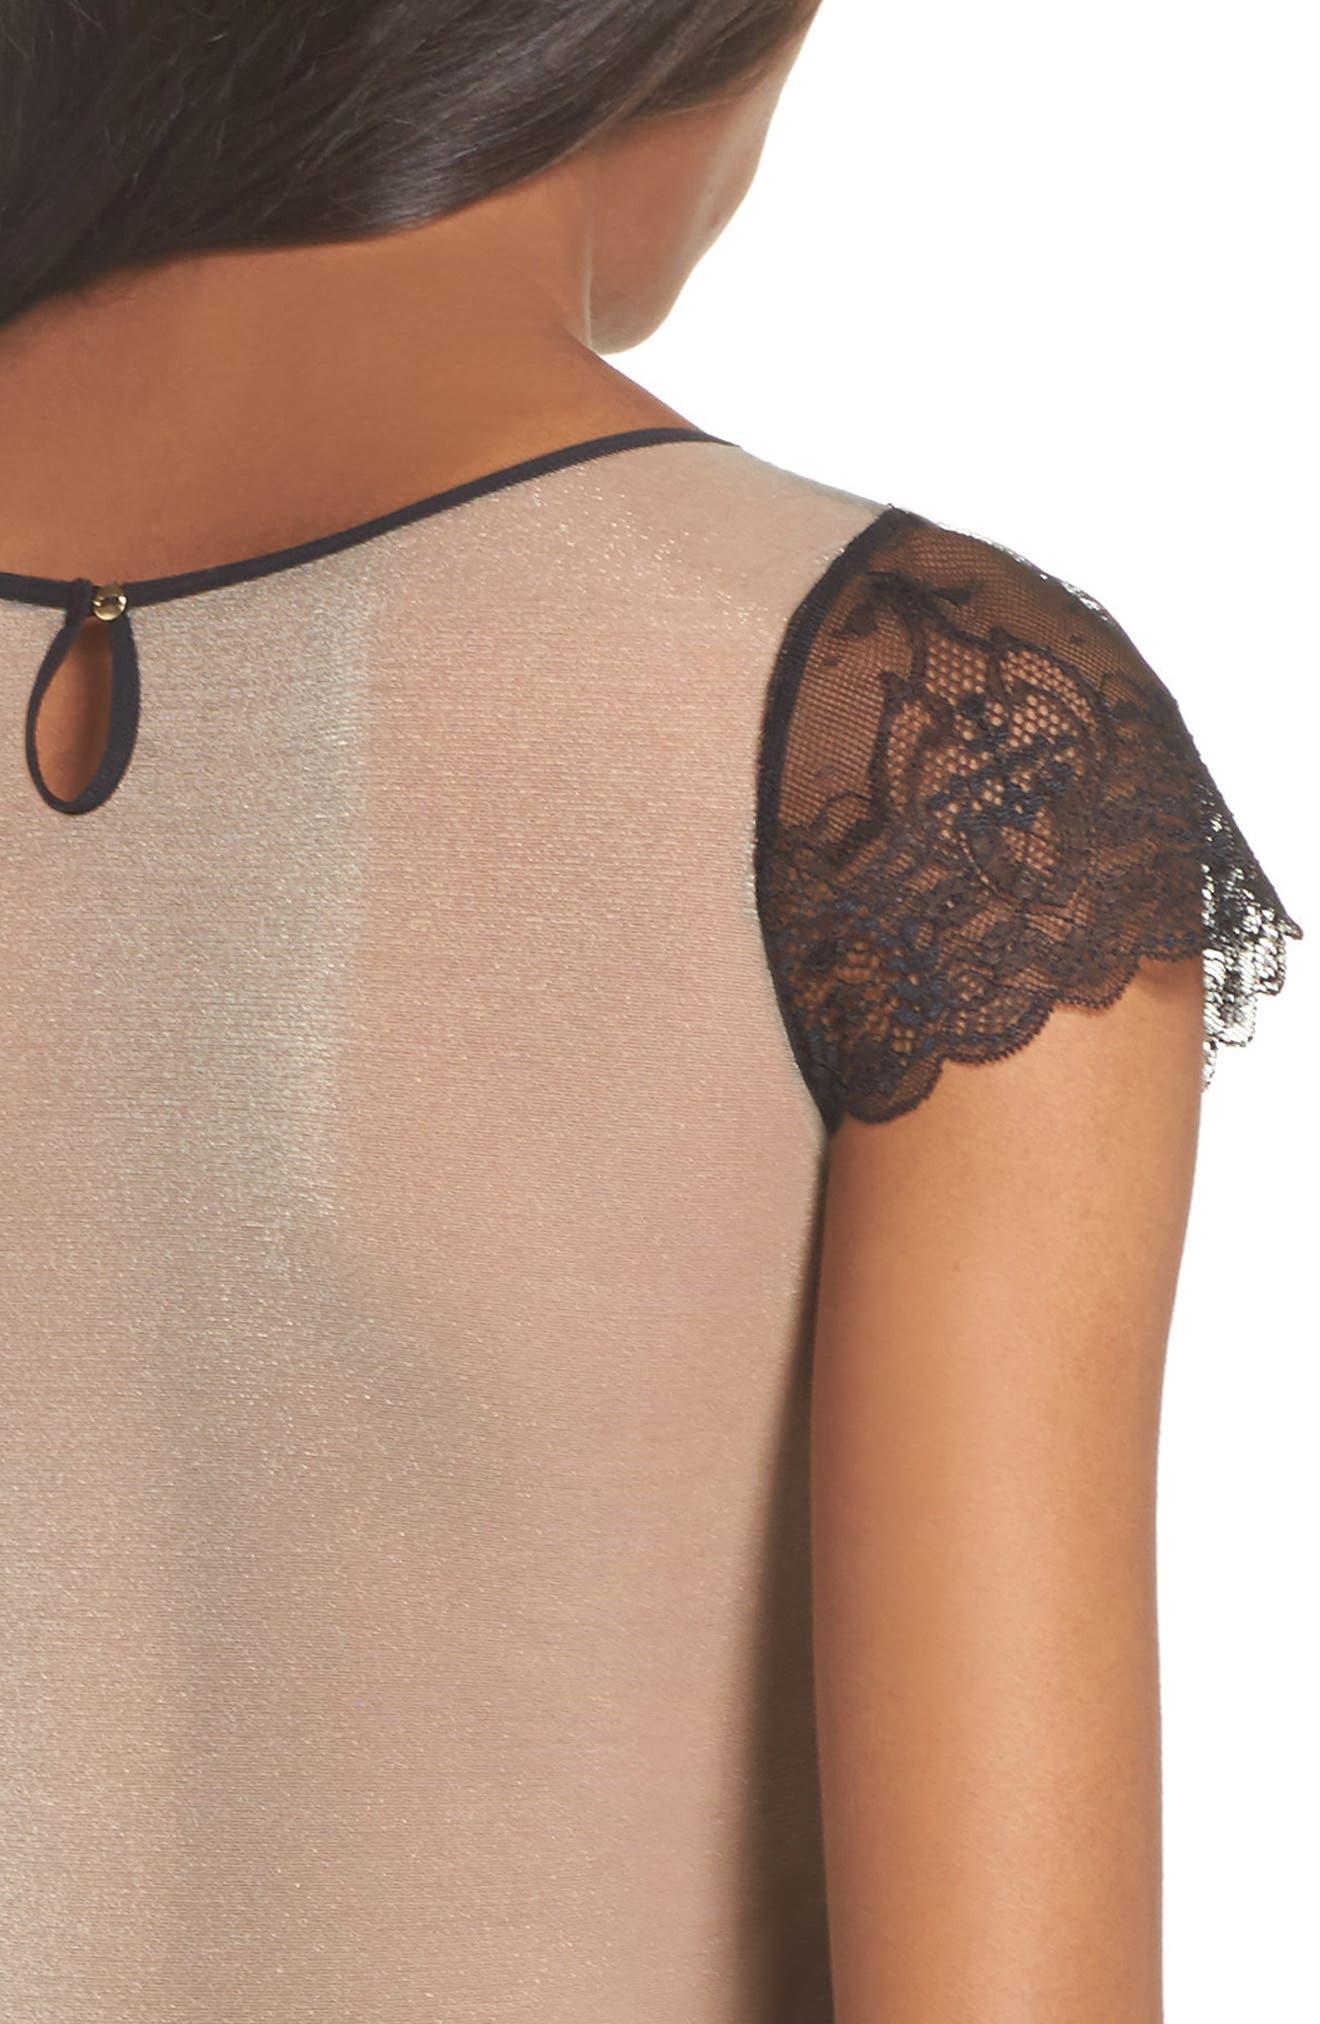 L'Antichambre Mesh & Lace Thong Bodysuit,                             Alternate thumbnail 5, color,                             Black / Nude